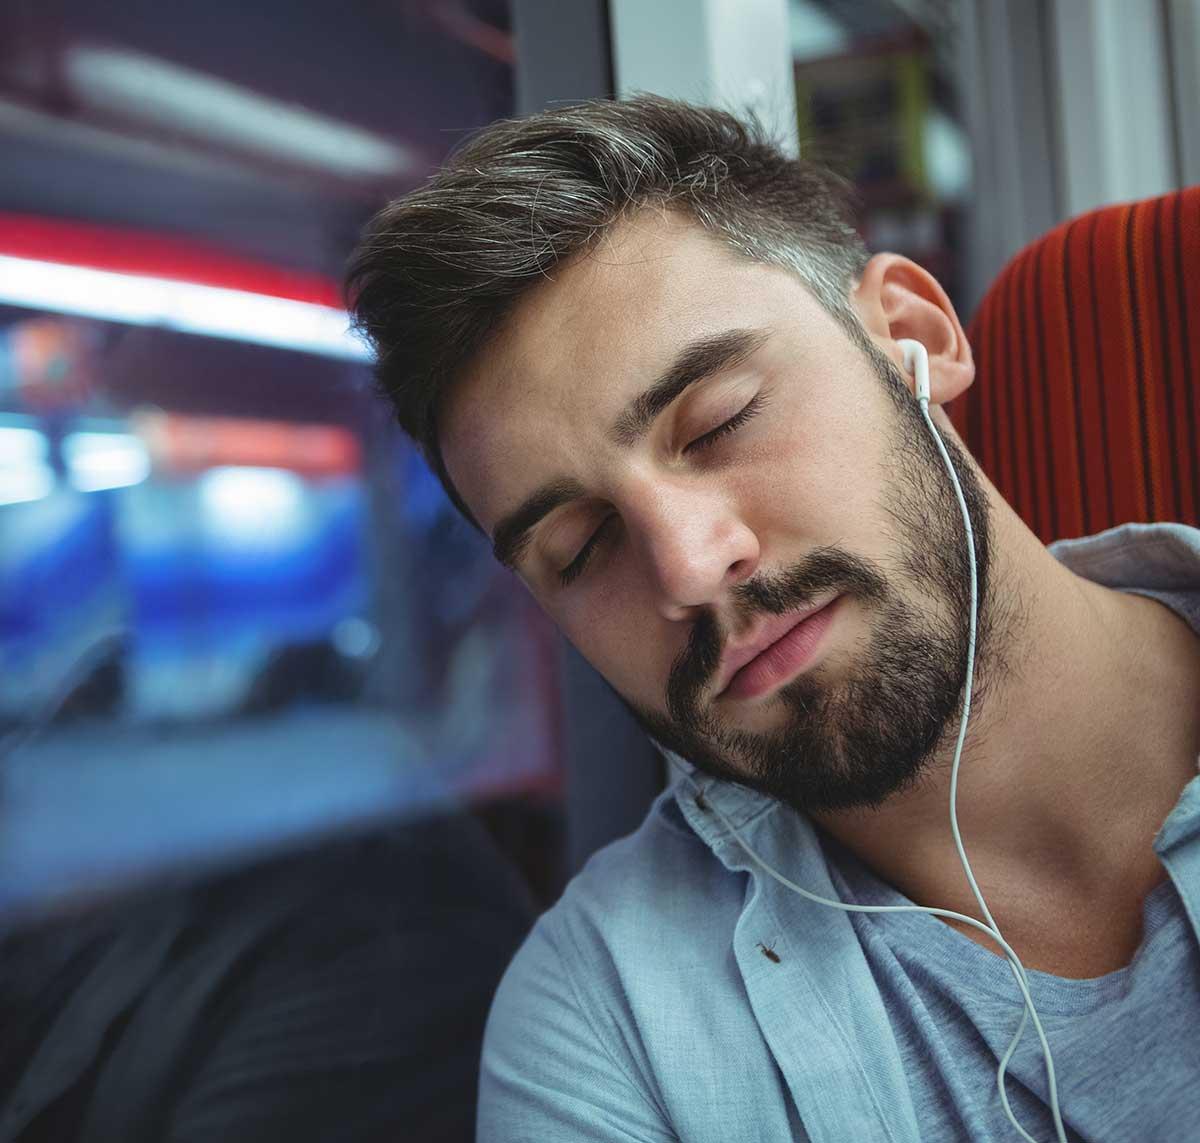 Мужчина спит в поезде